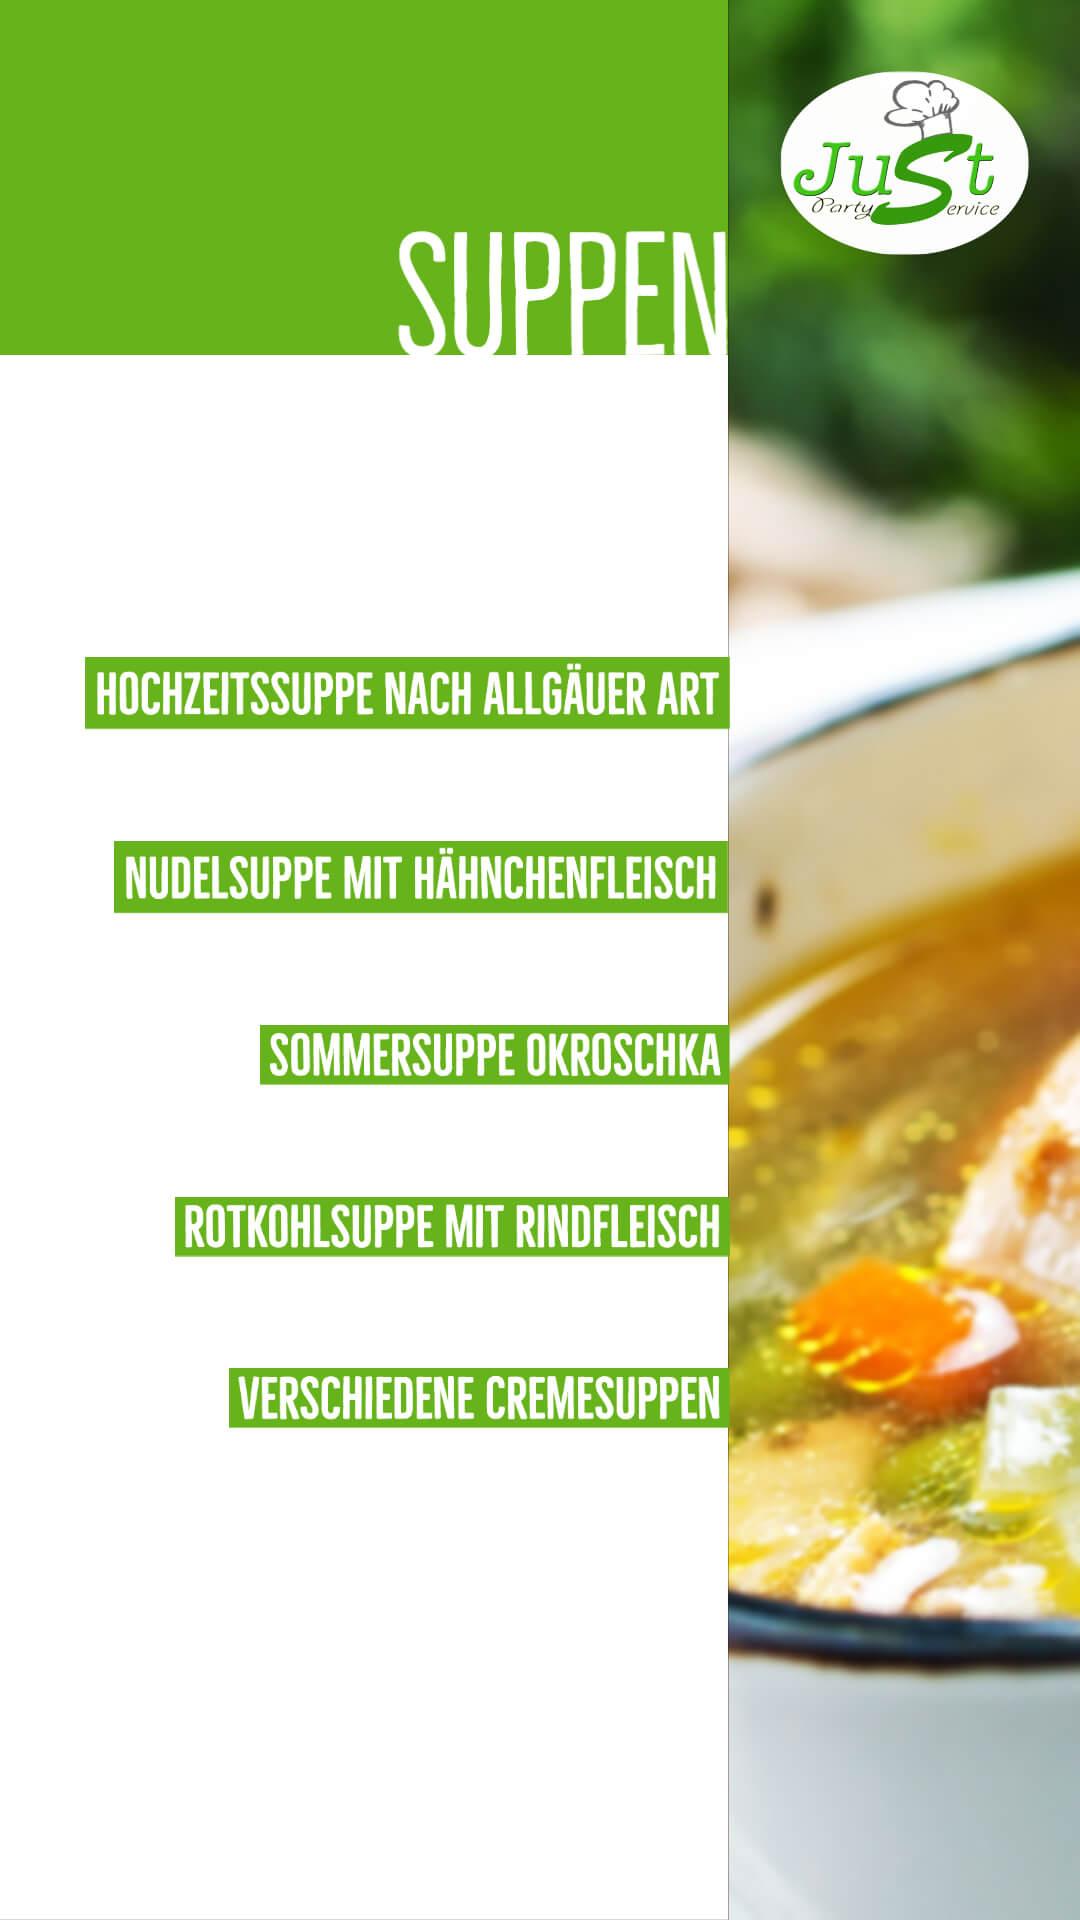 Suppen-Menü